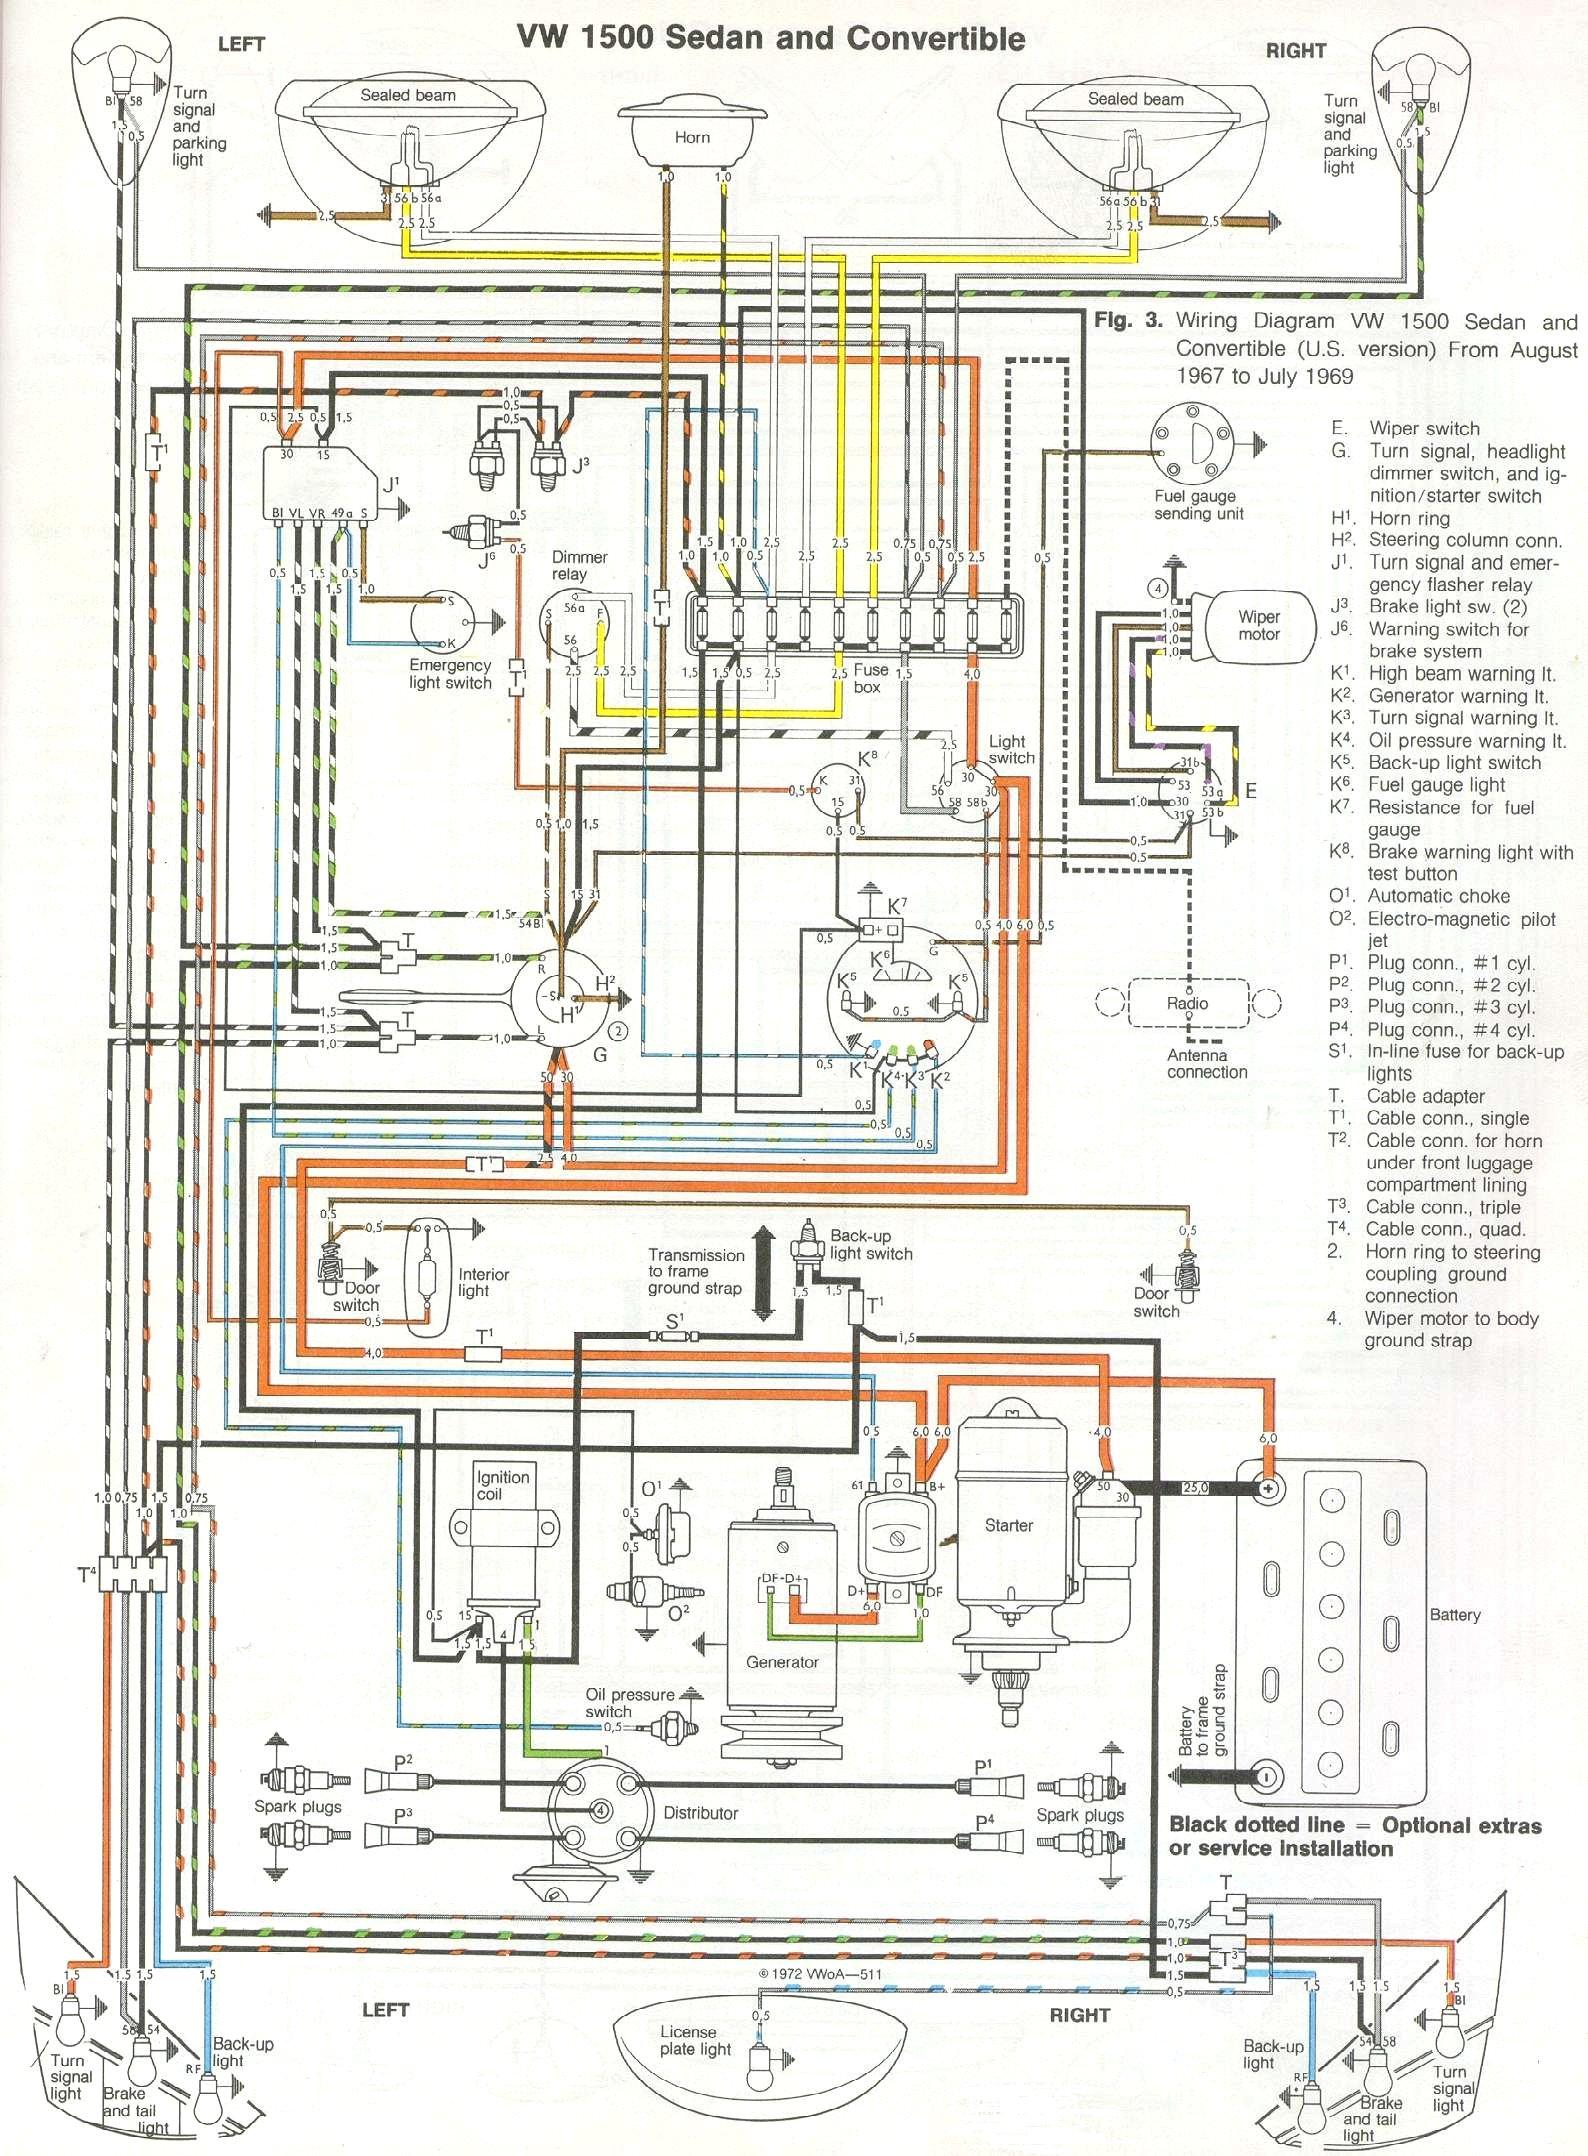 1967 camaro starter wiring diagram 1969 c10 wiring diagrams jebale com  1969 c10 wiring diagrams jebale com